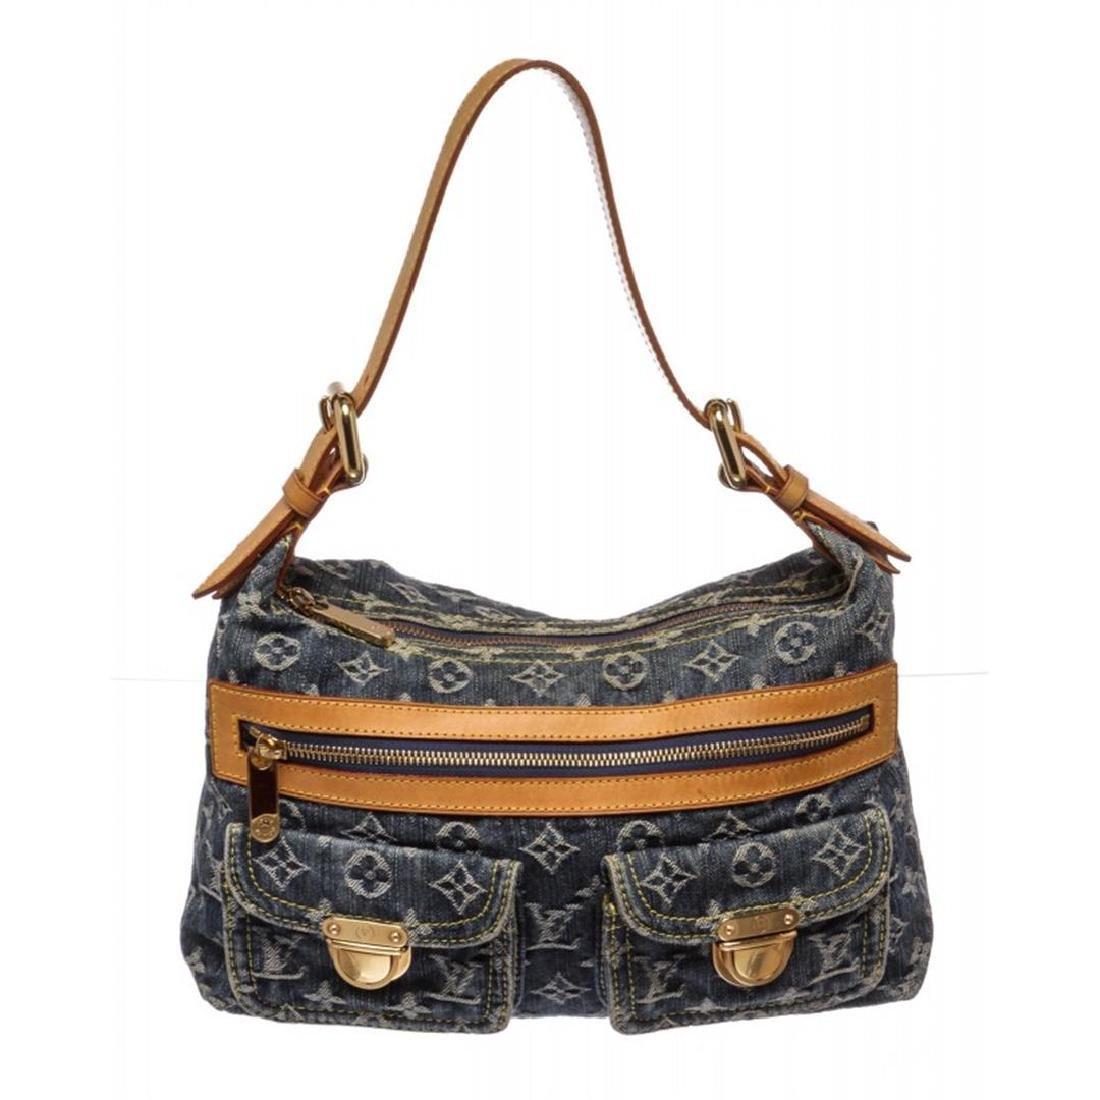 Louis Vuitton Blue Denim Monogram Neo Speedy Bag